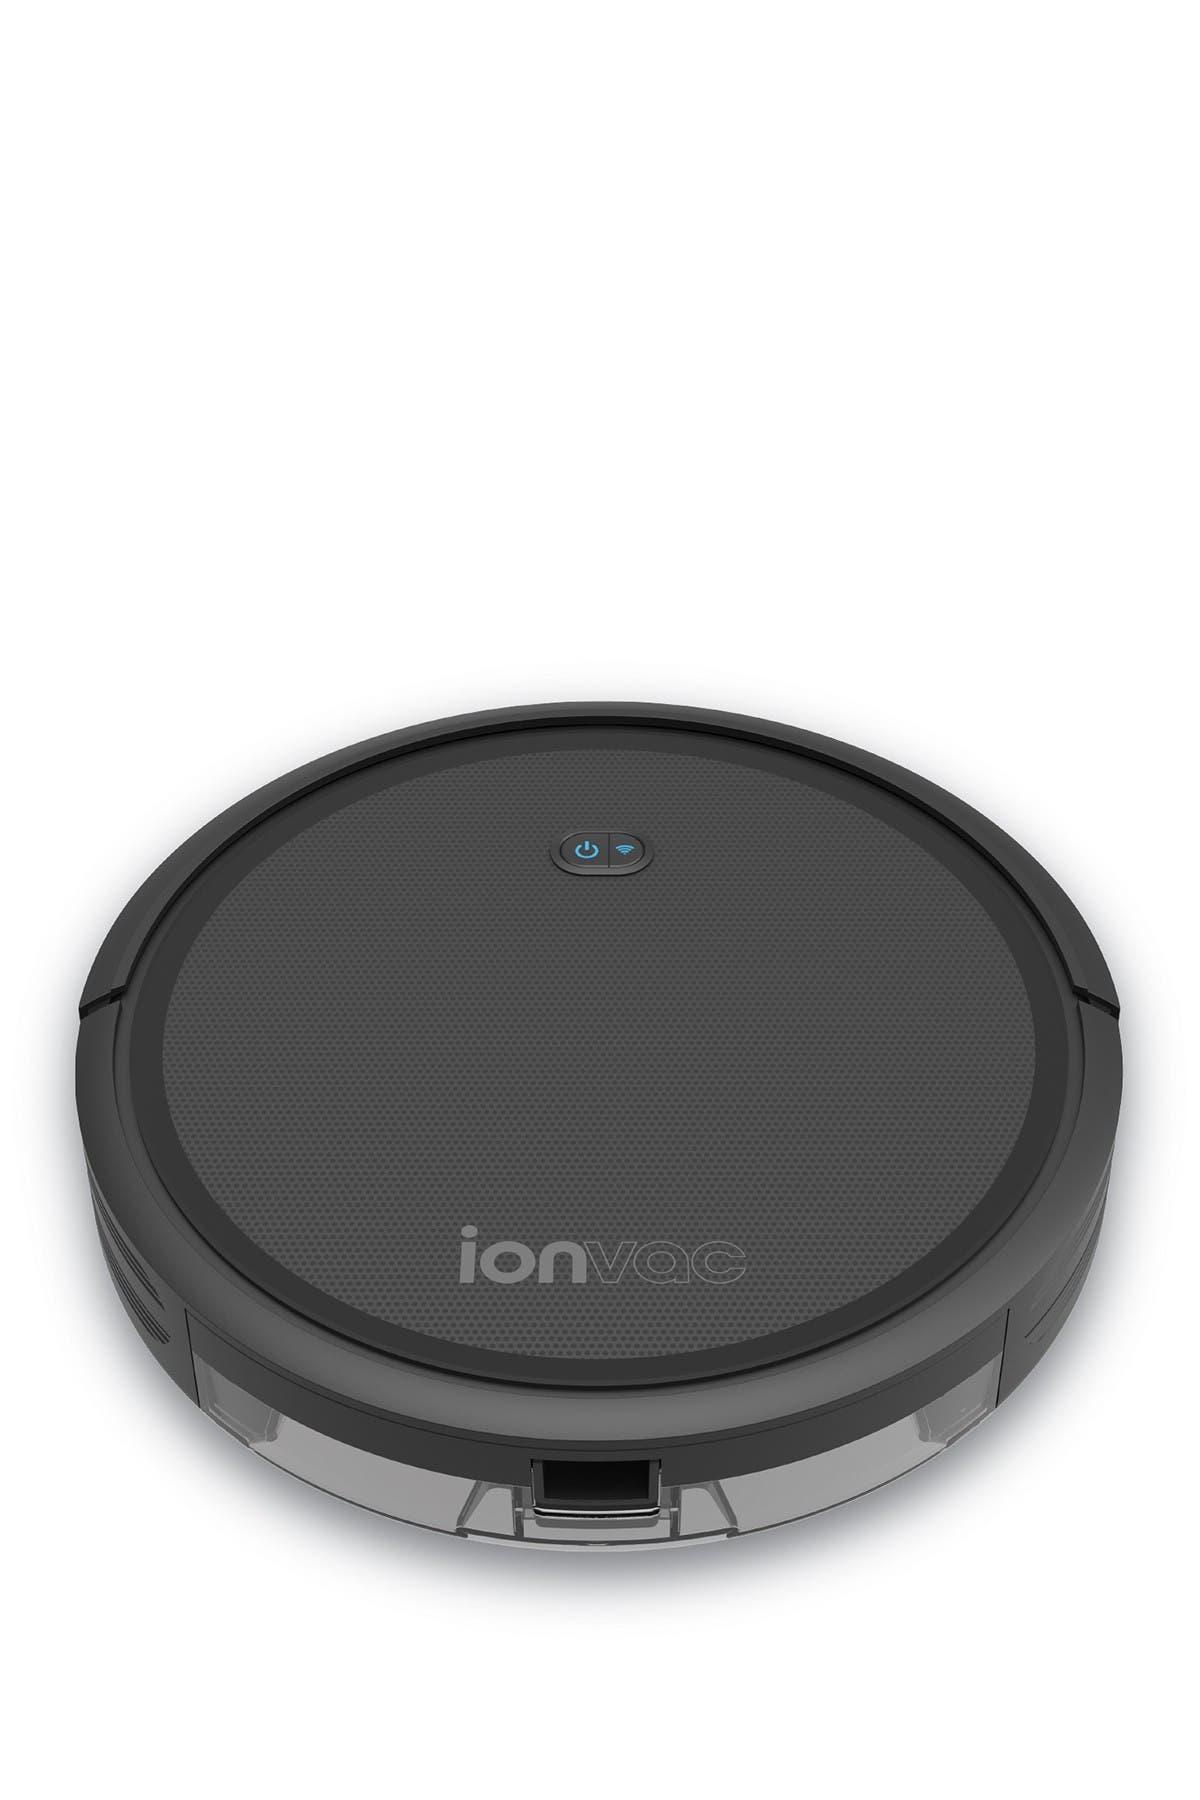 Image of Tzumi Smart Clean Robotic Vacuum, Black